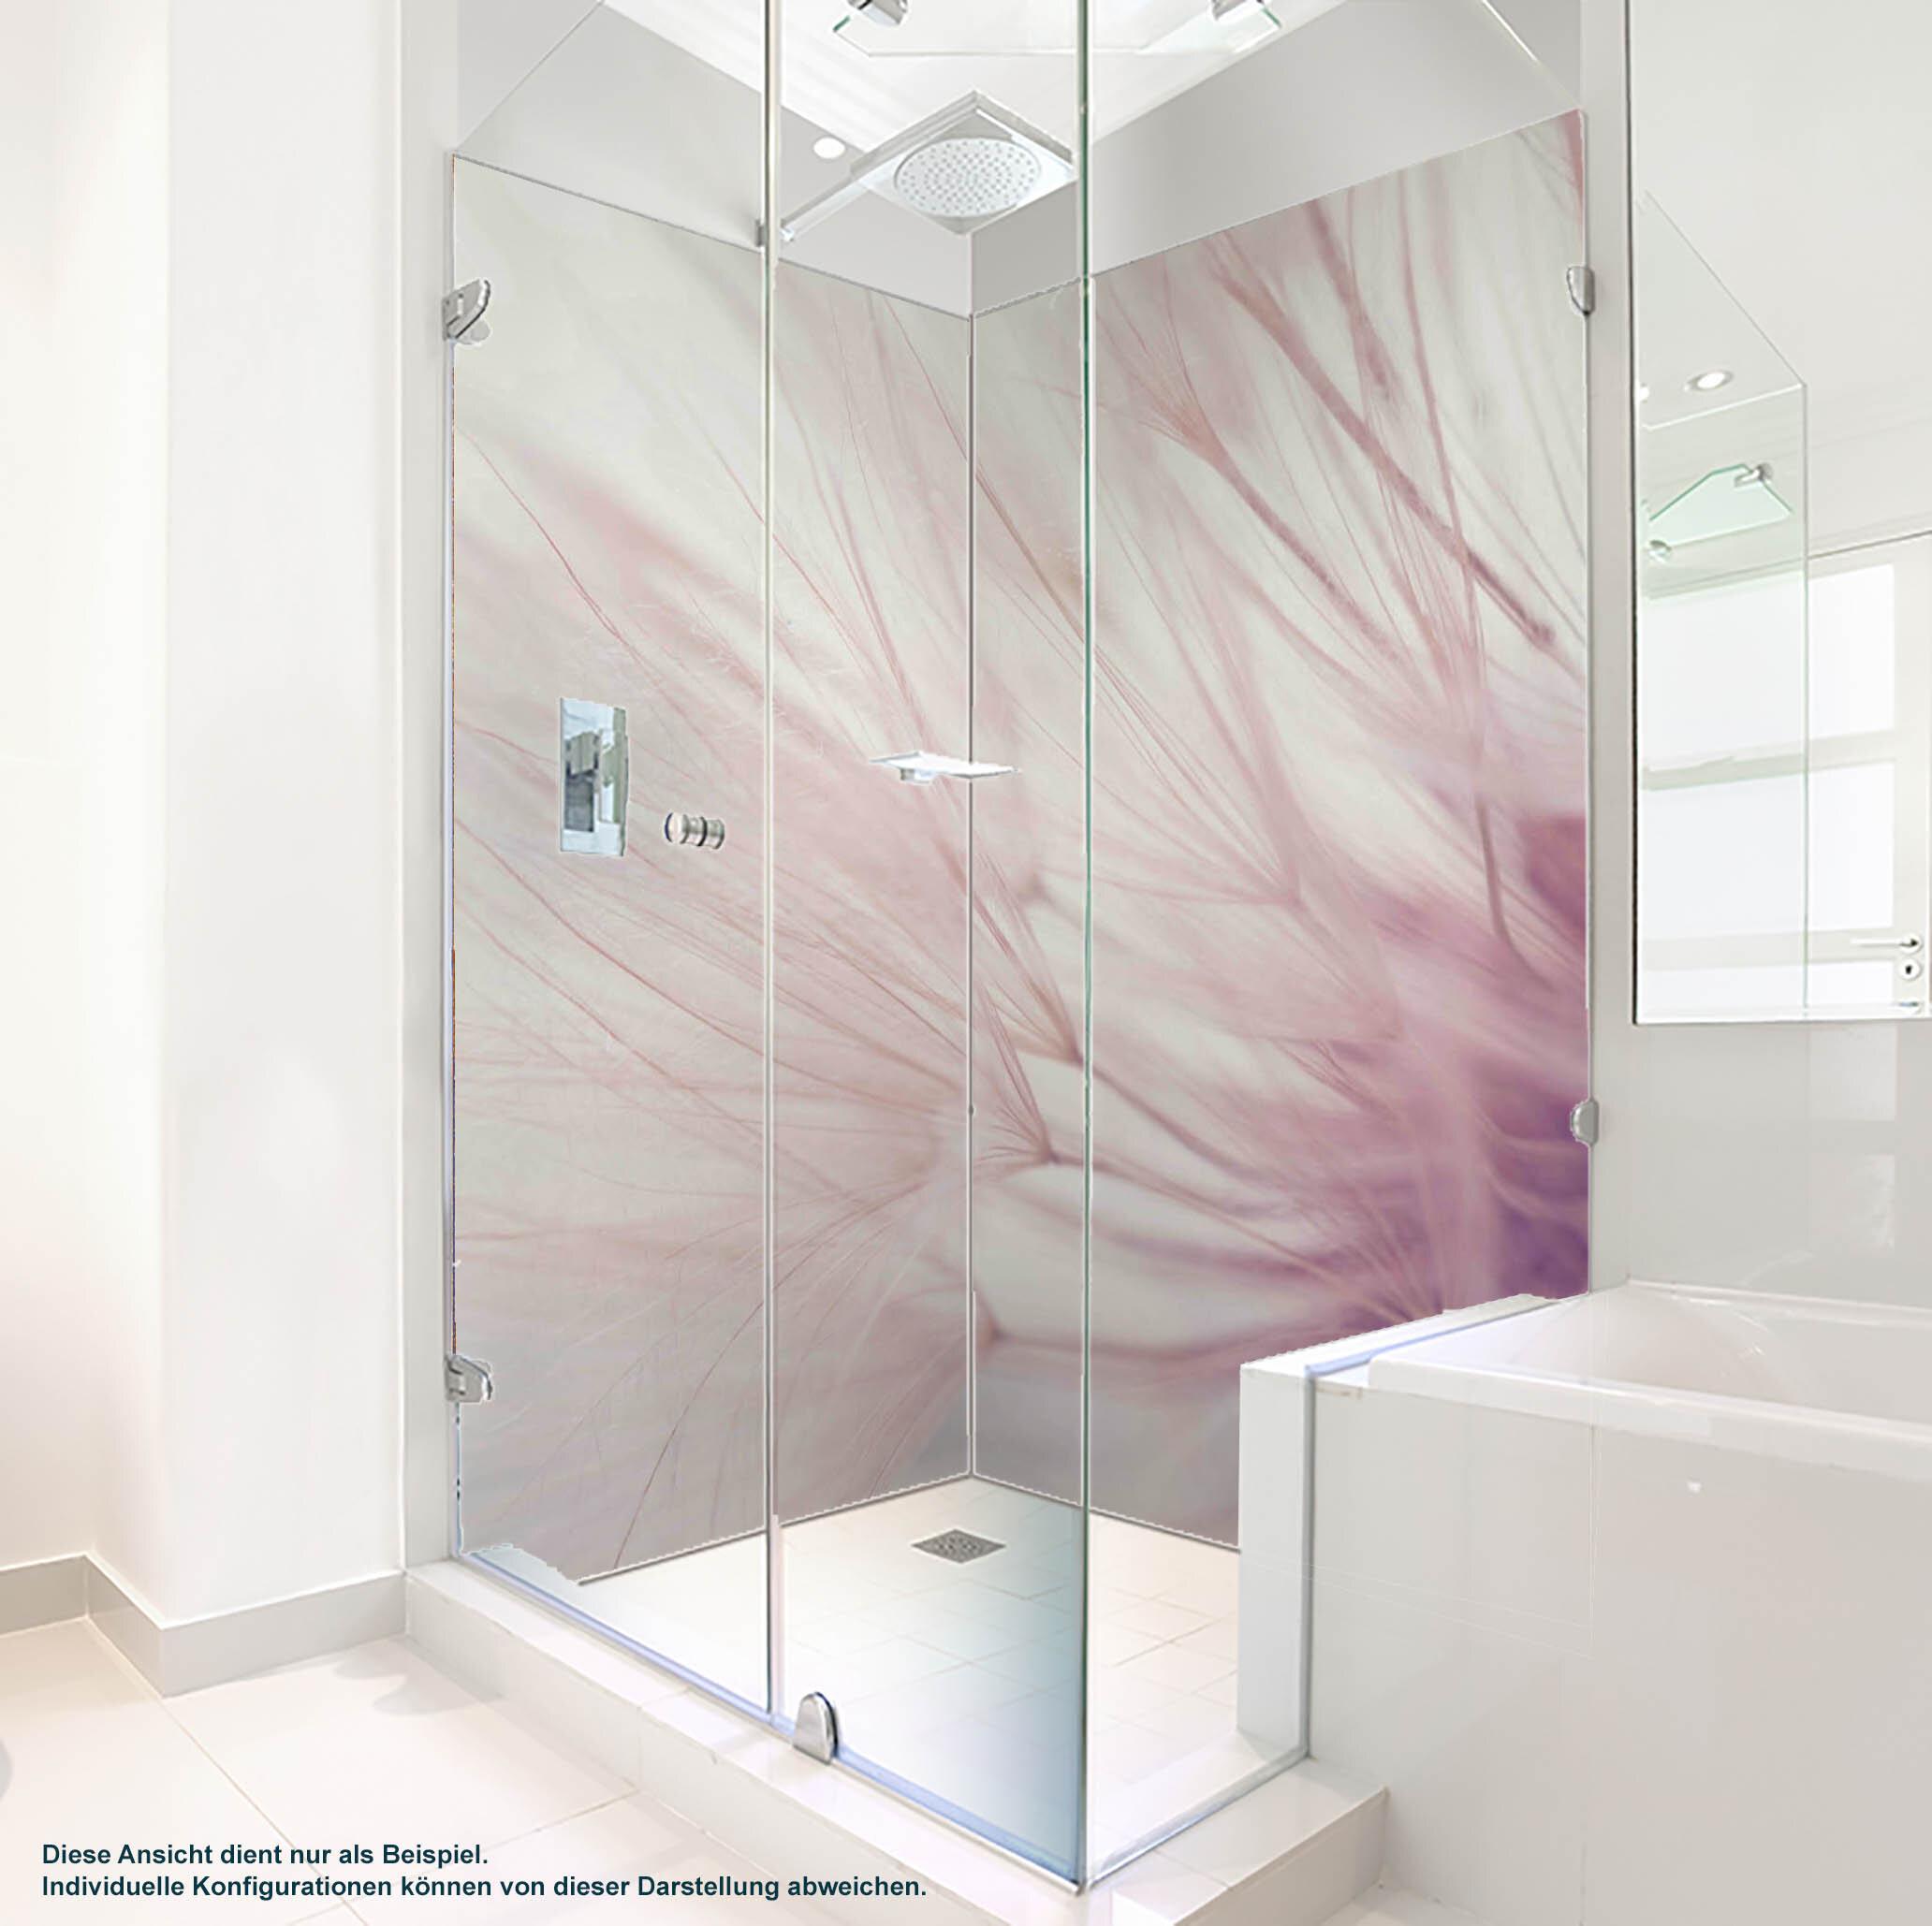 Dusche PlateART Duschrückwand mit Motiv Wellness Pusteblume